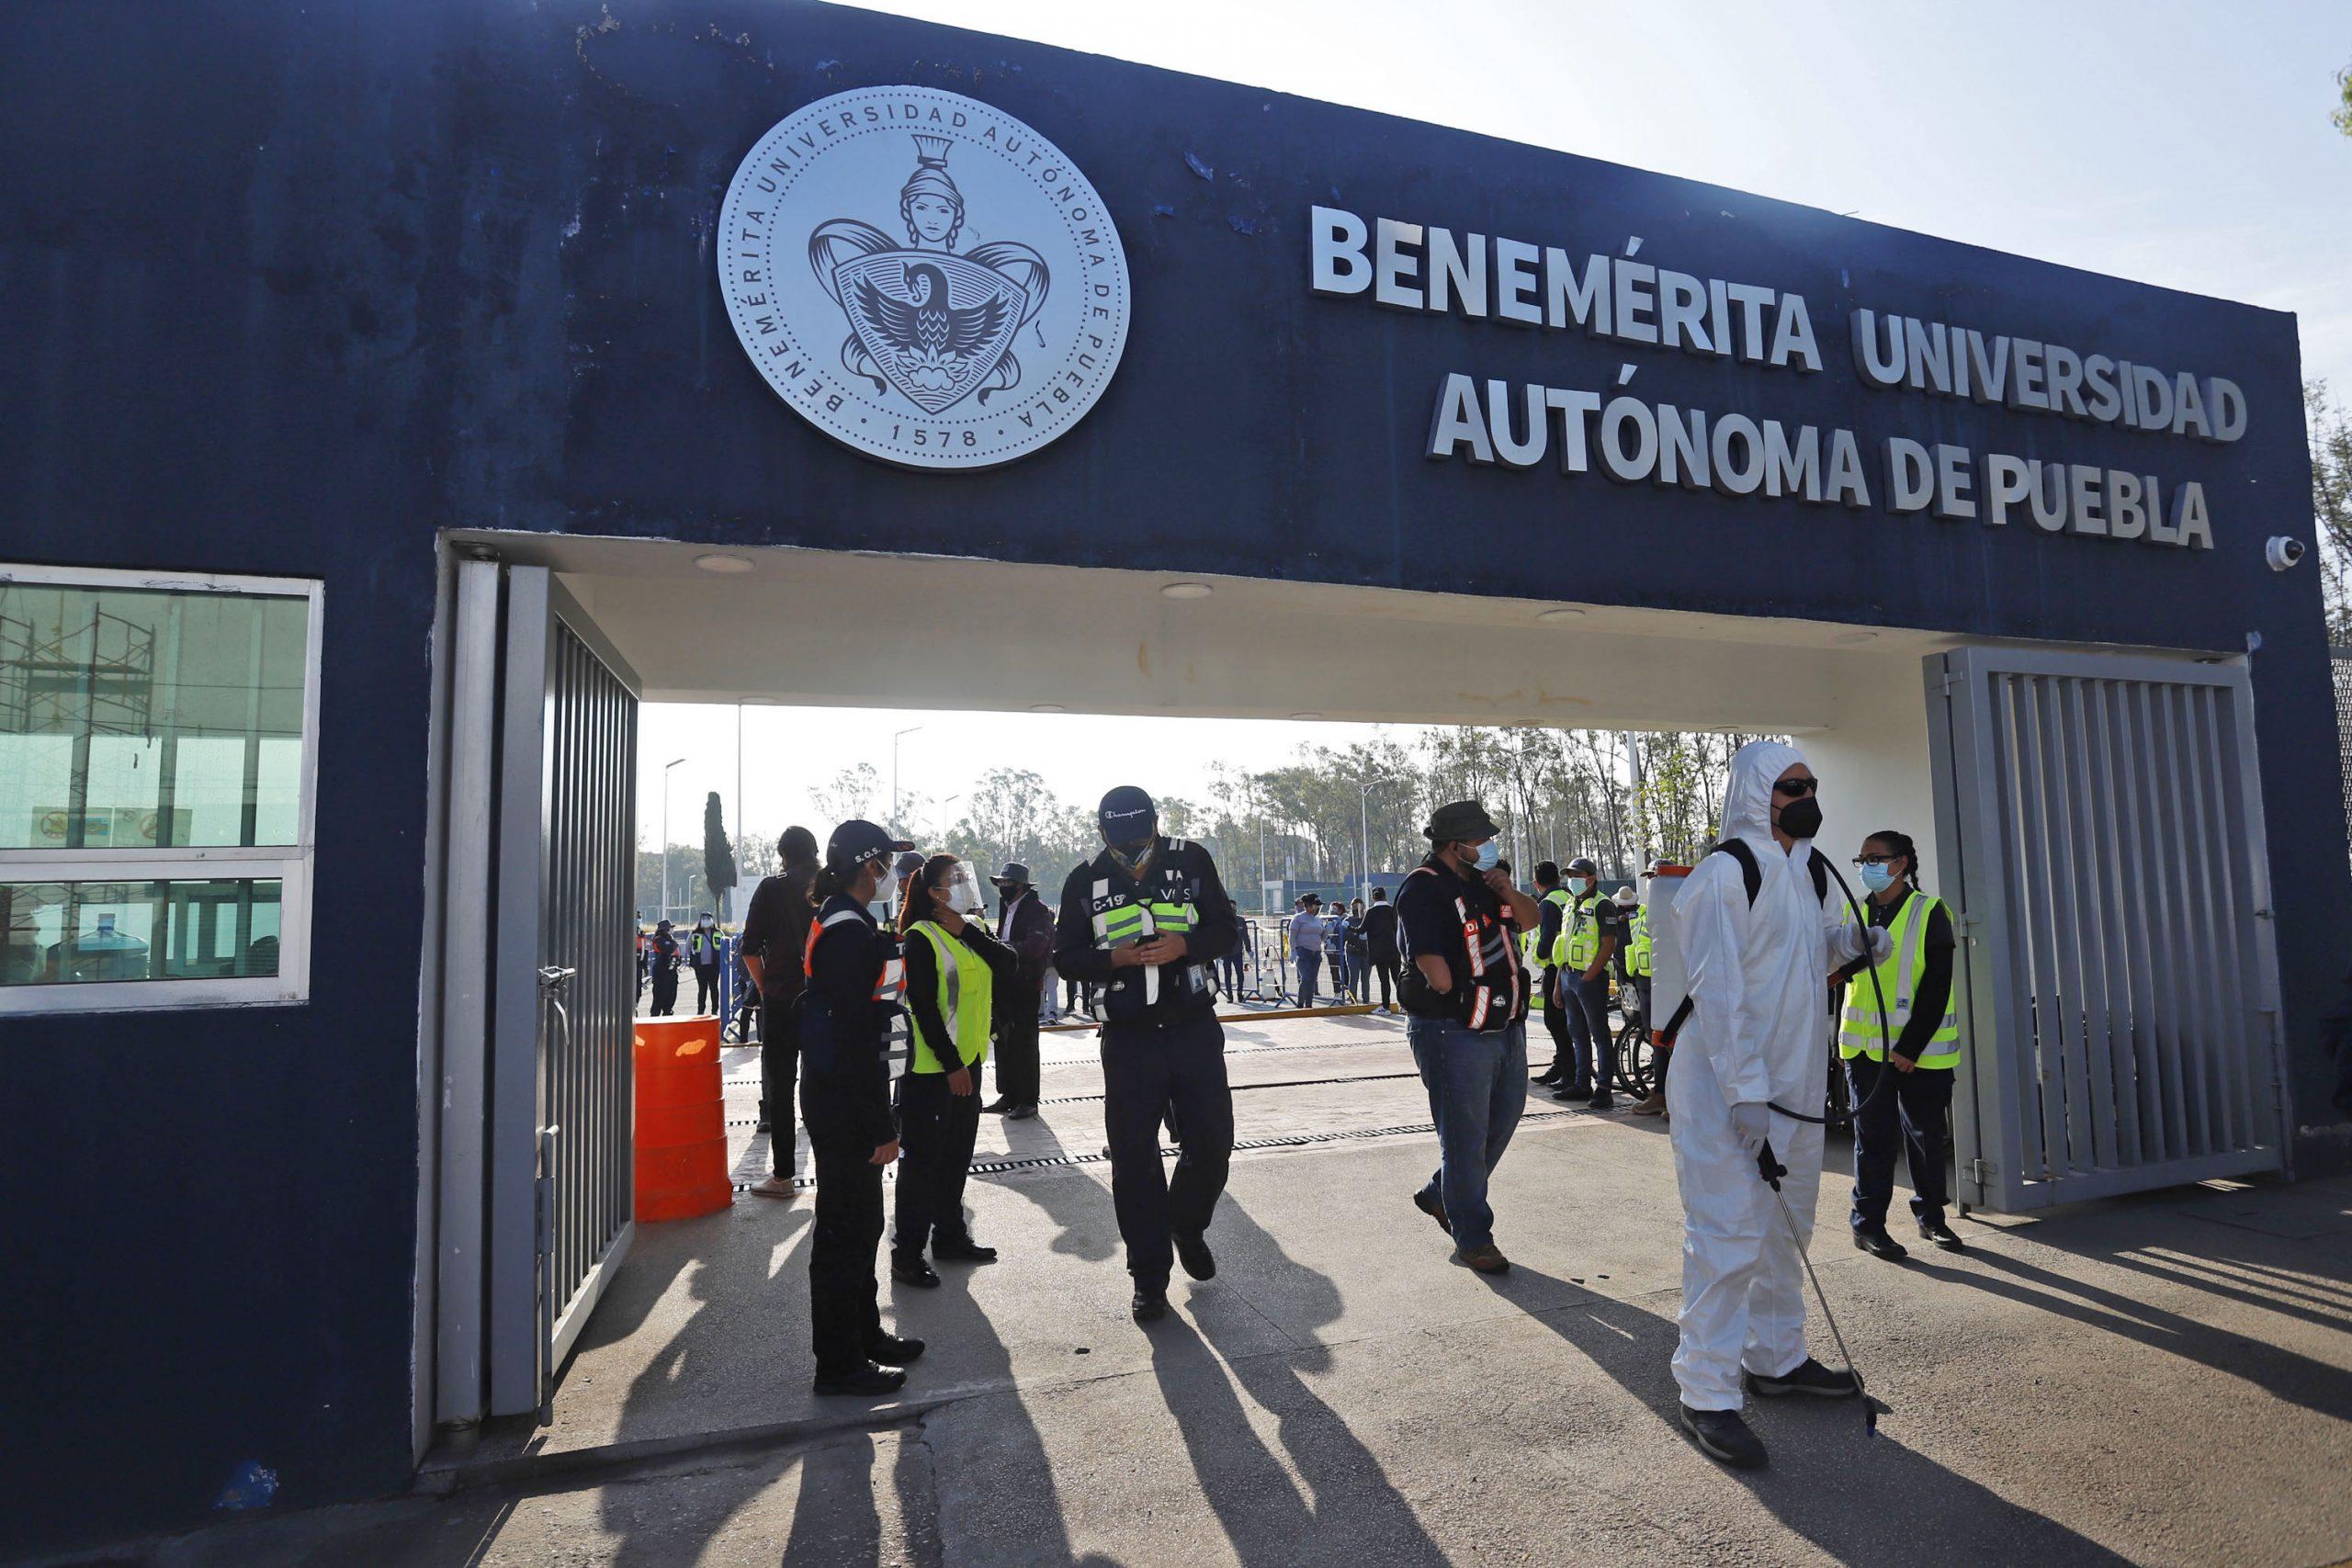 Anuncia la BUAP plan de rescate académico para estudiantes afectados por la pandemia